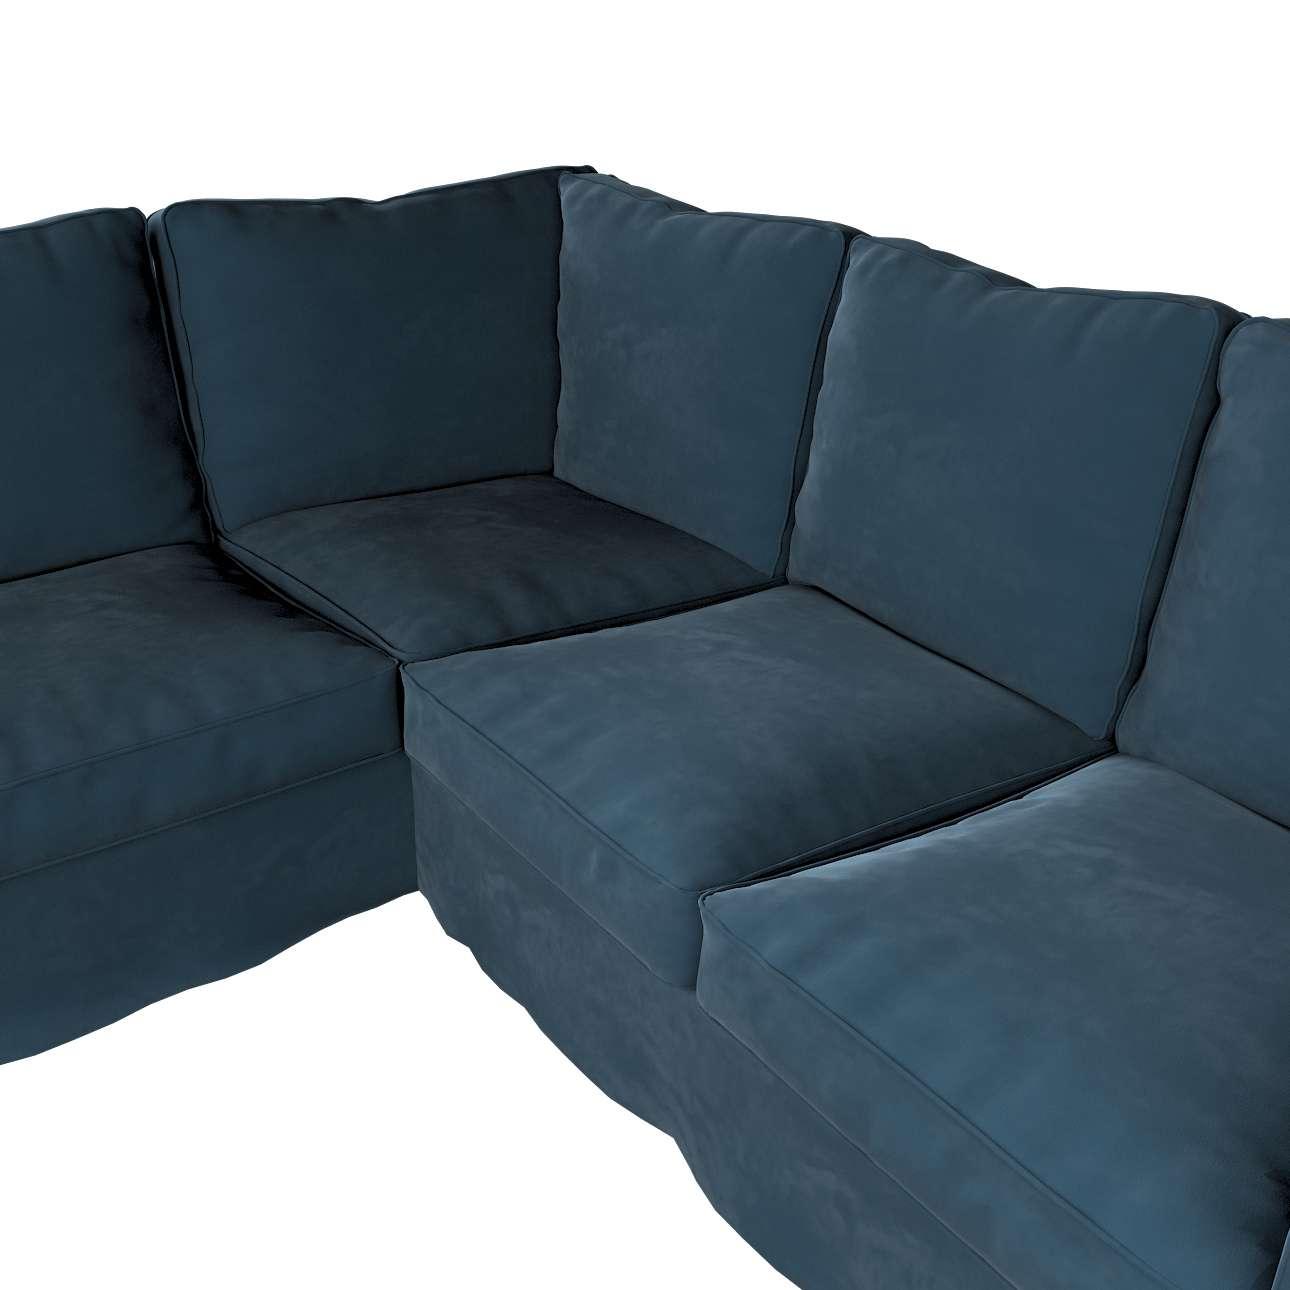 Pokrowiec na sofę narożną Ektorp w kolekcji Velvet, tkanina: 704-16